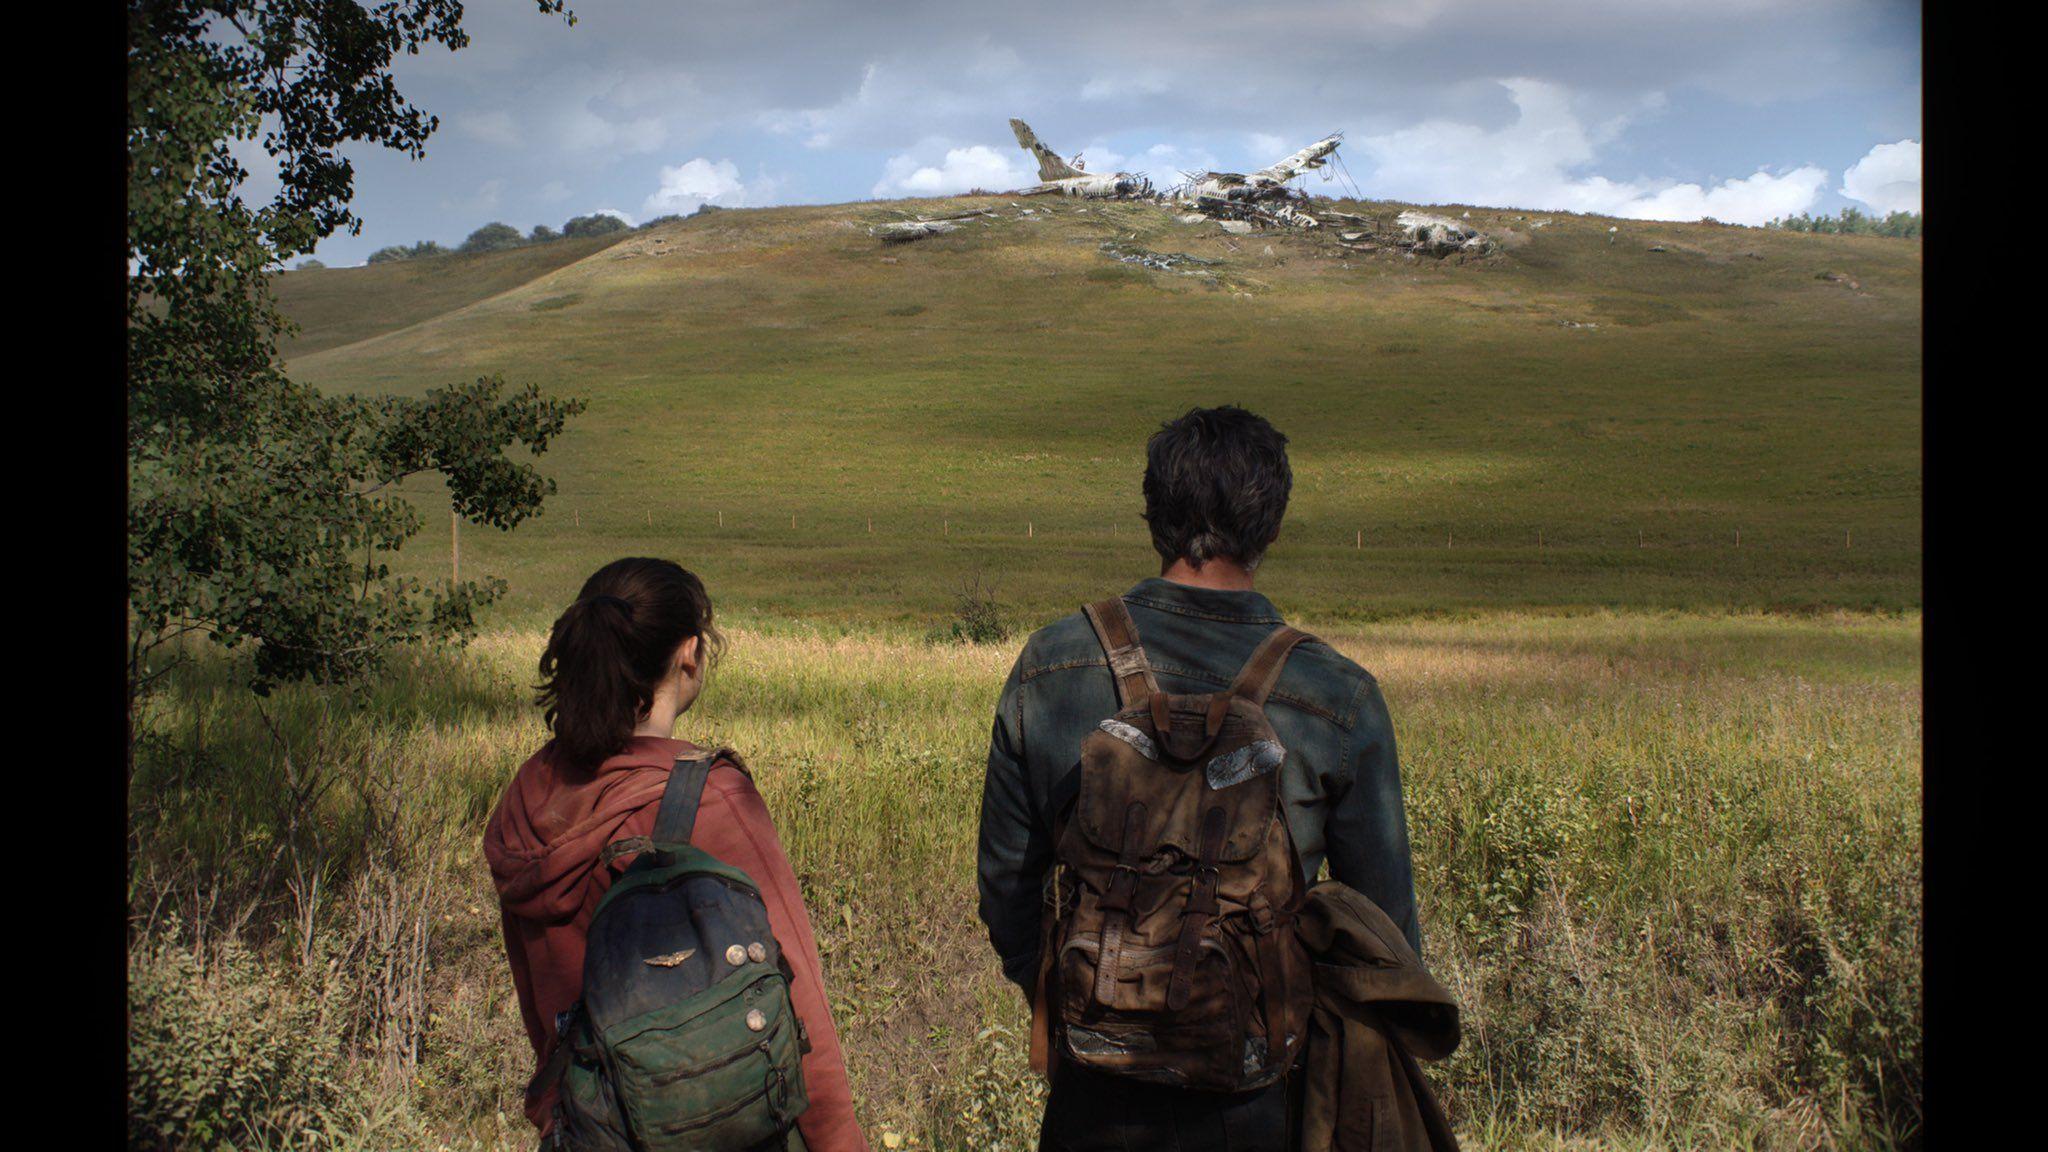 The Last of Us da HBO estreia Joel e Ellie na primeira foto oficial - Live Action 1